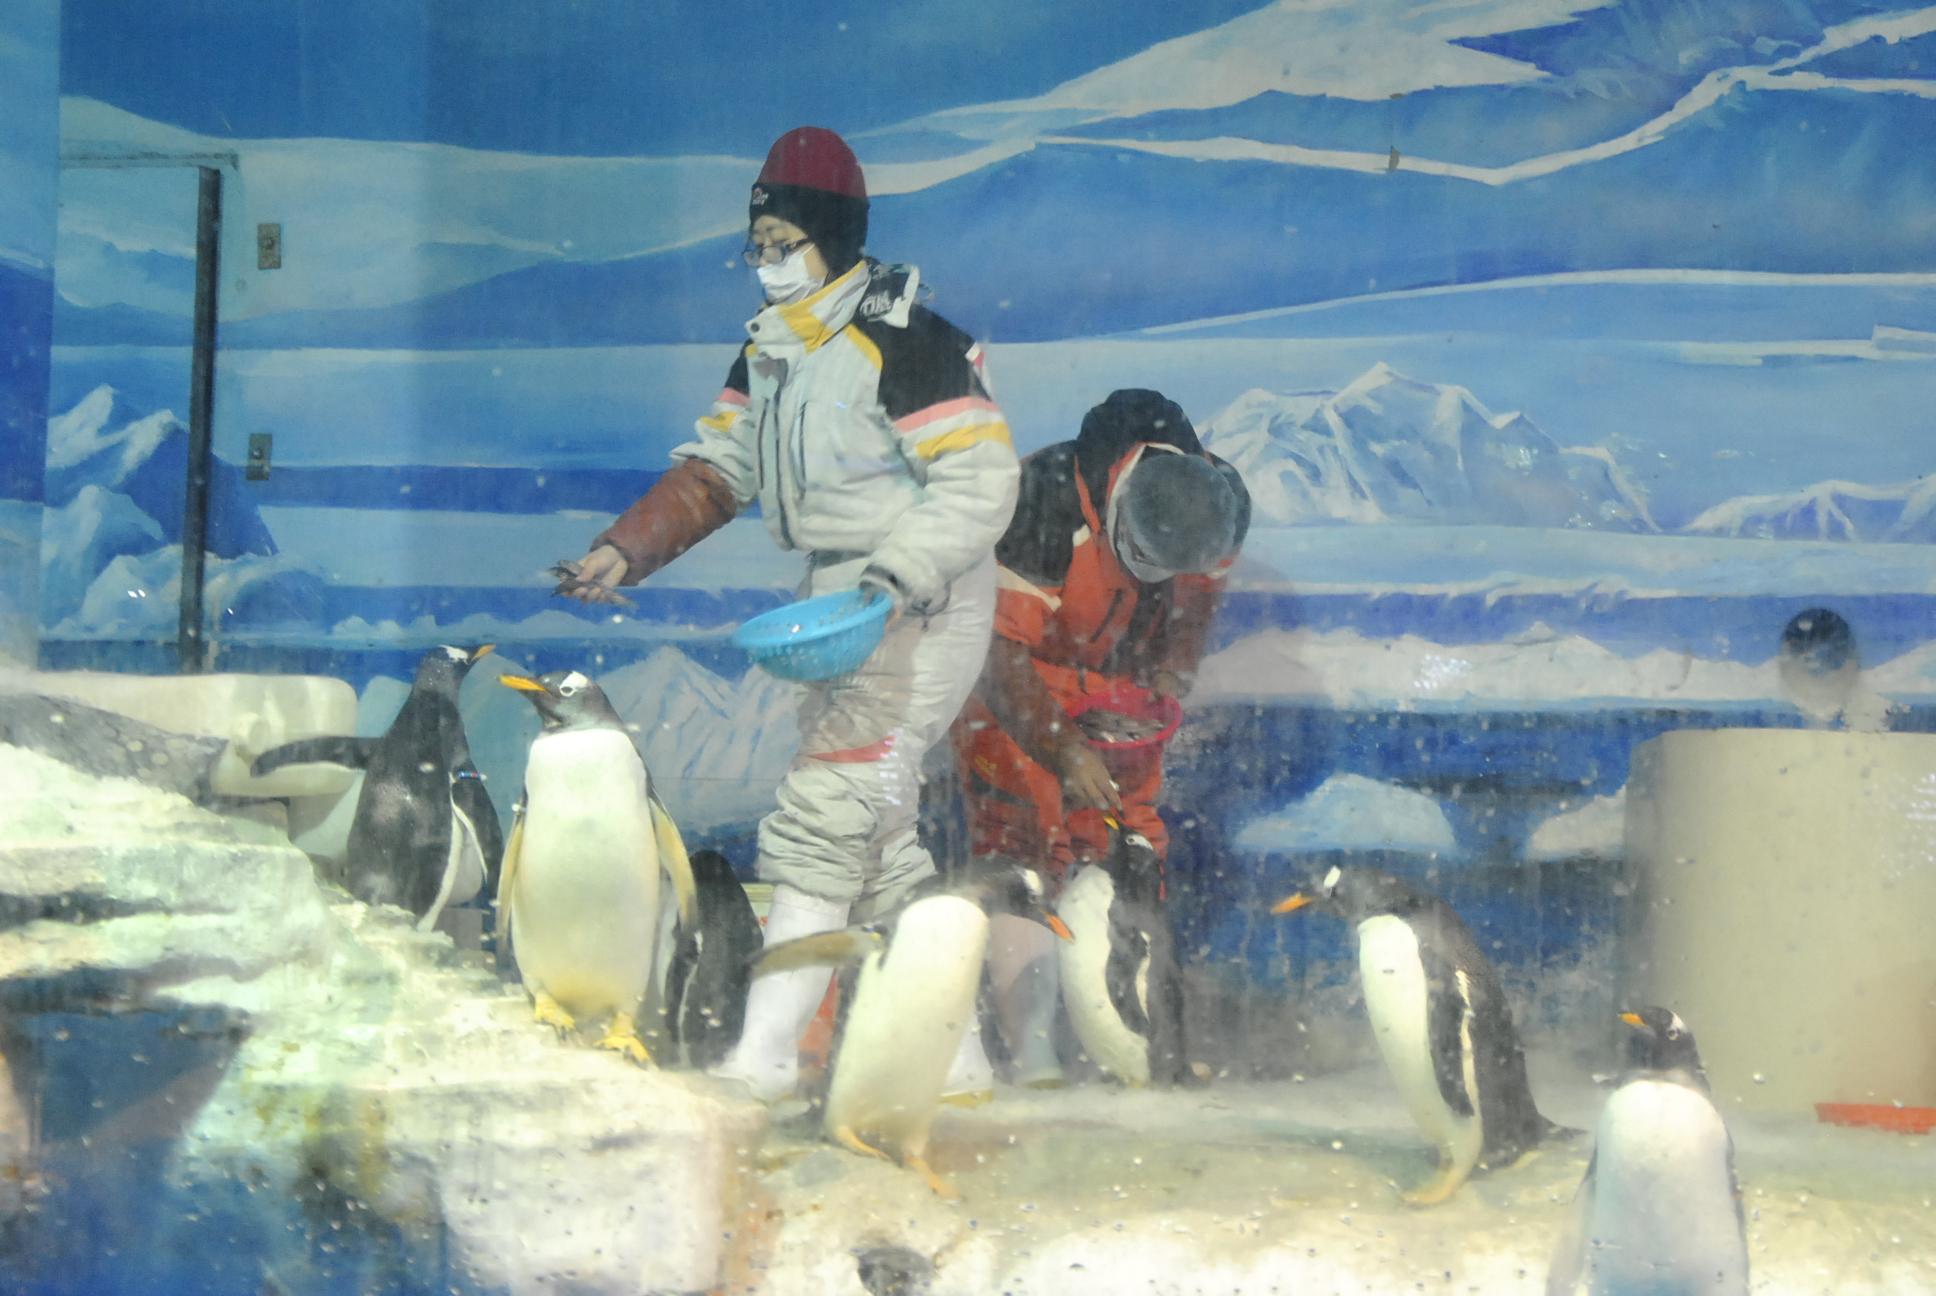 哈尔滨极地馆,不一样的动物世界